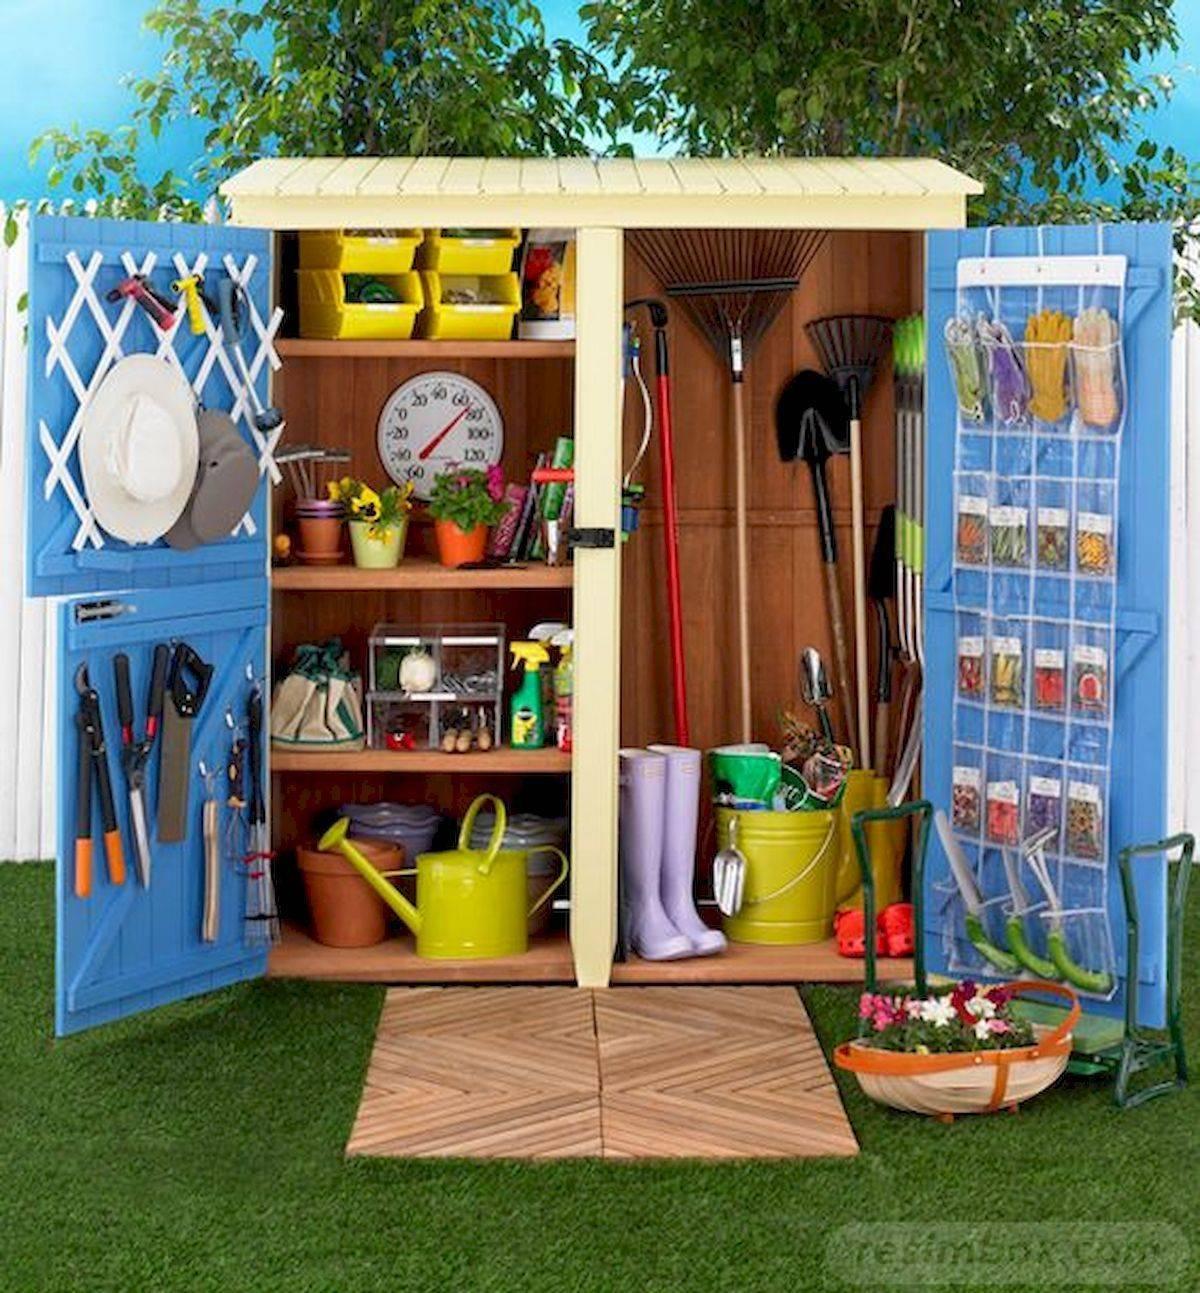 garden garage ideas-789255903423425286